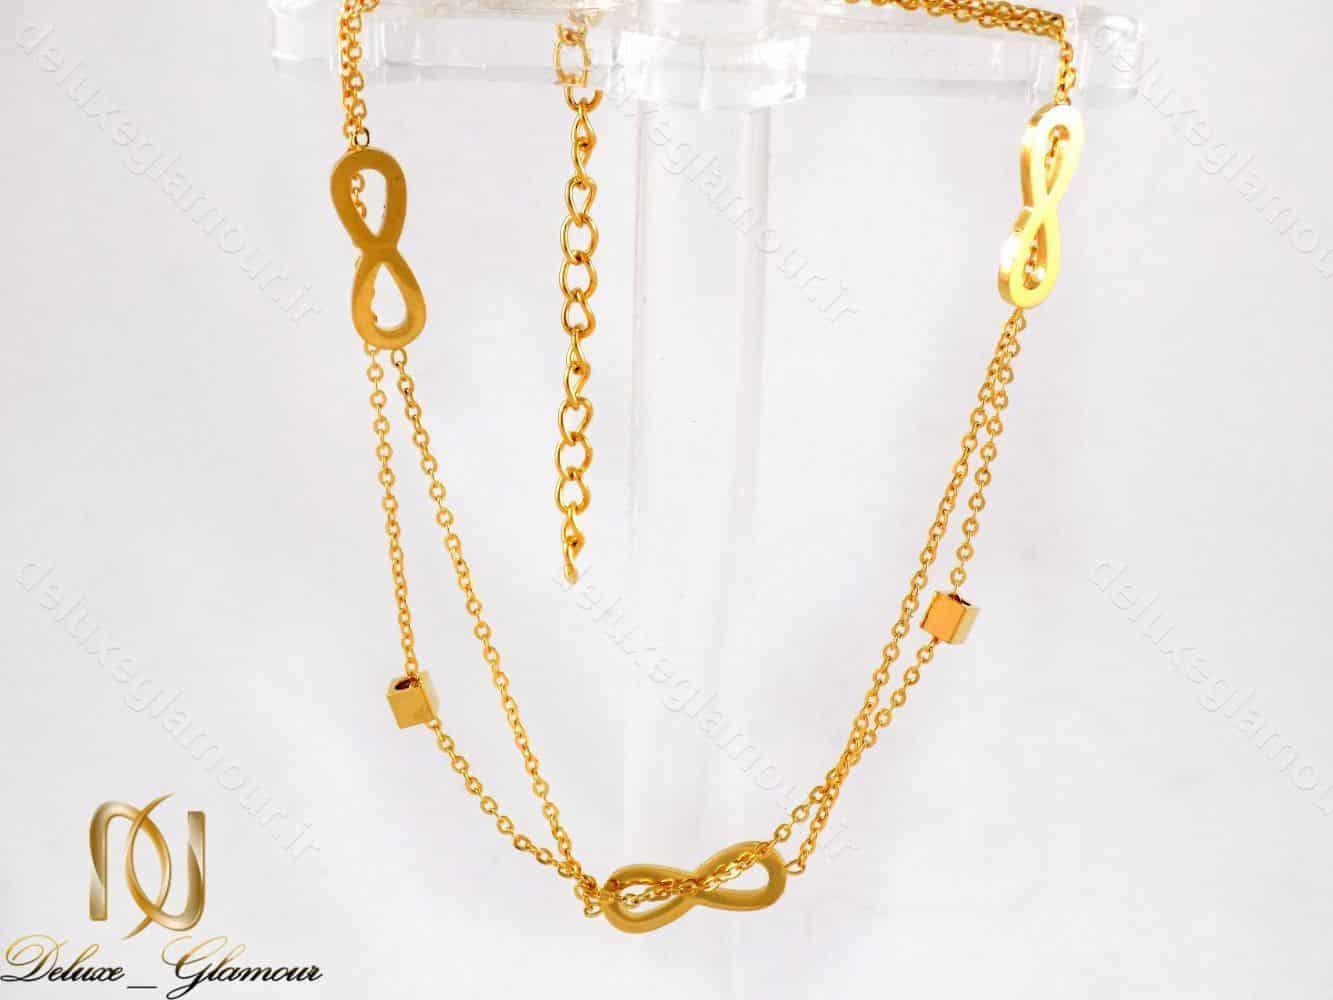 پابند دخترانه استیل طرح بی نهایت دو لاینه طلایی pa-n103 از نمای روبرو